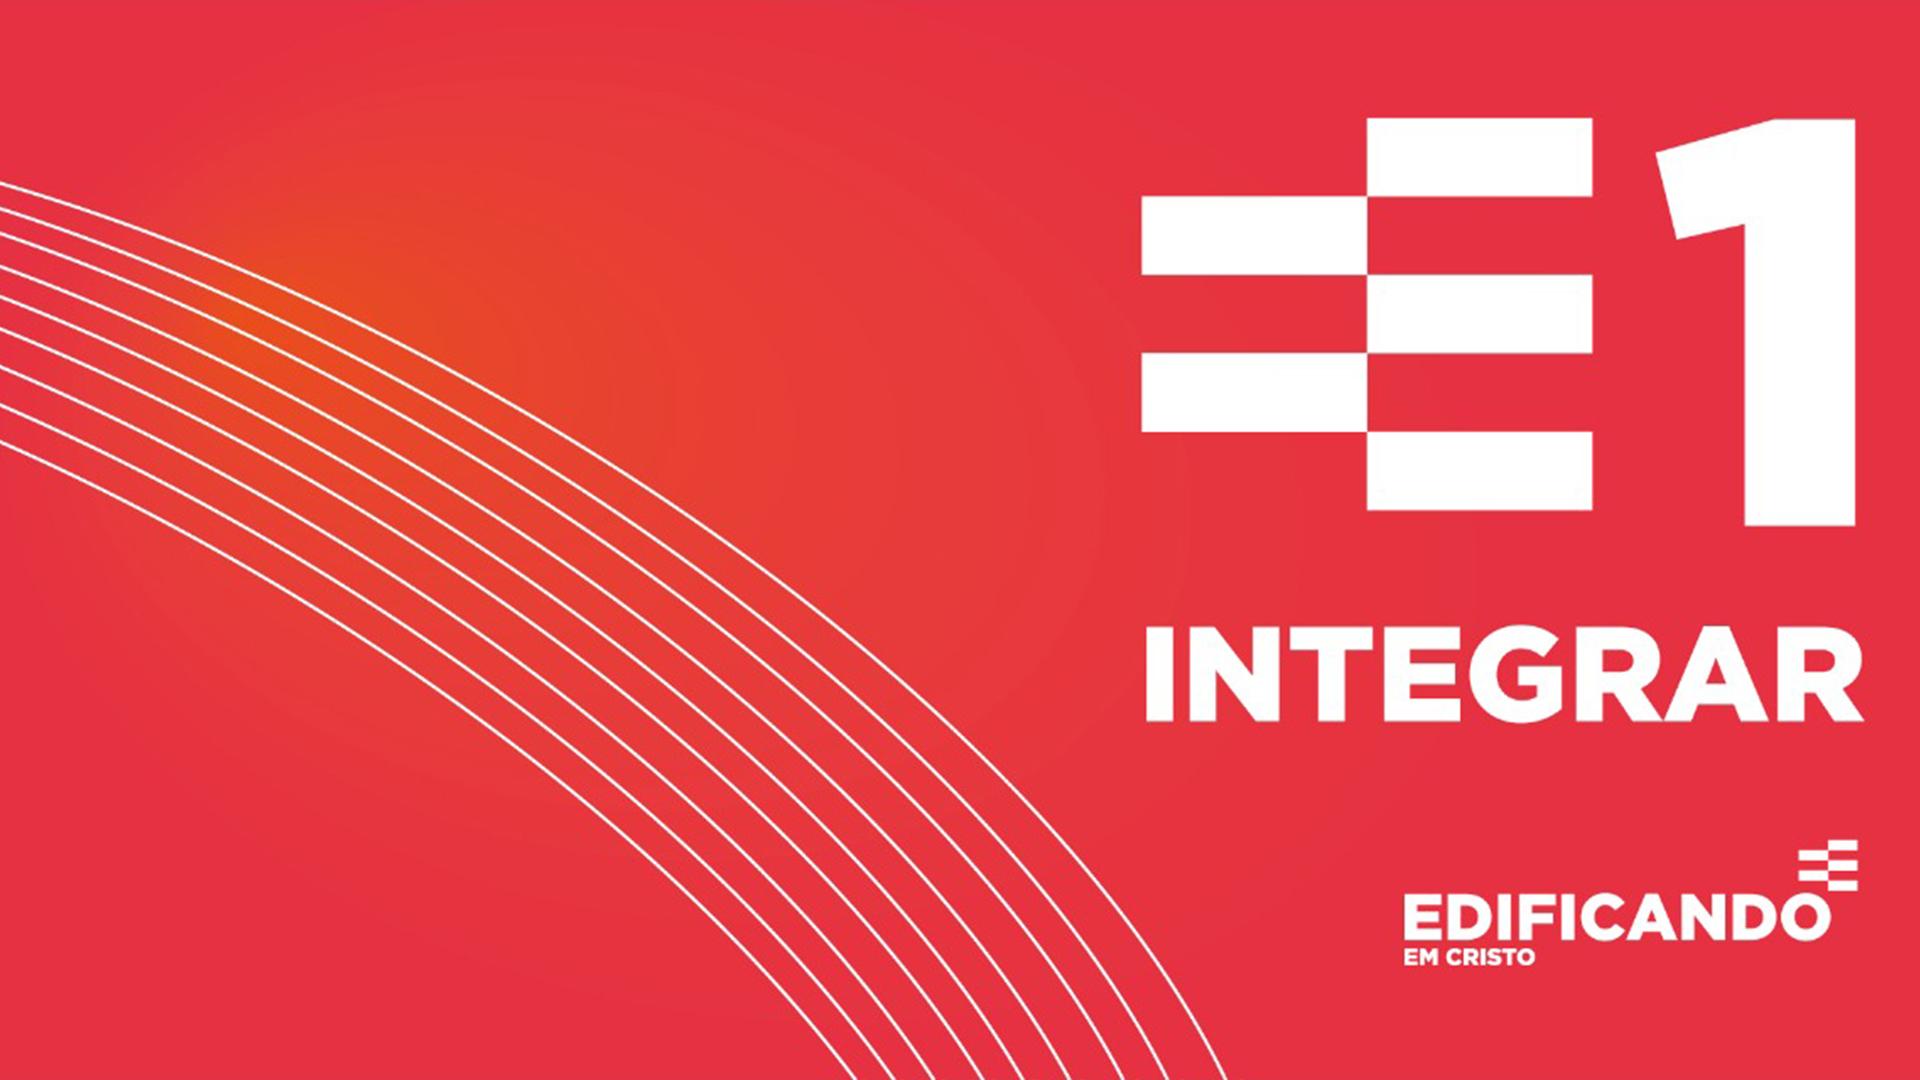 E1 - Integrar